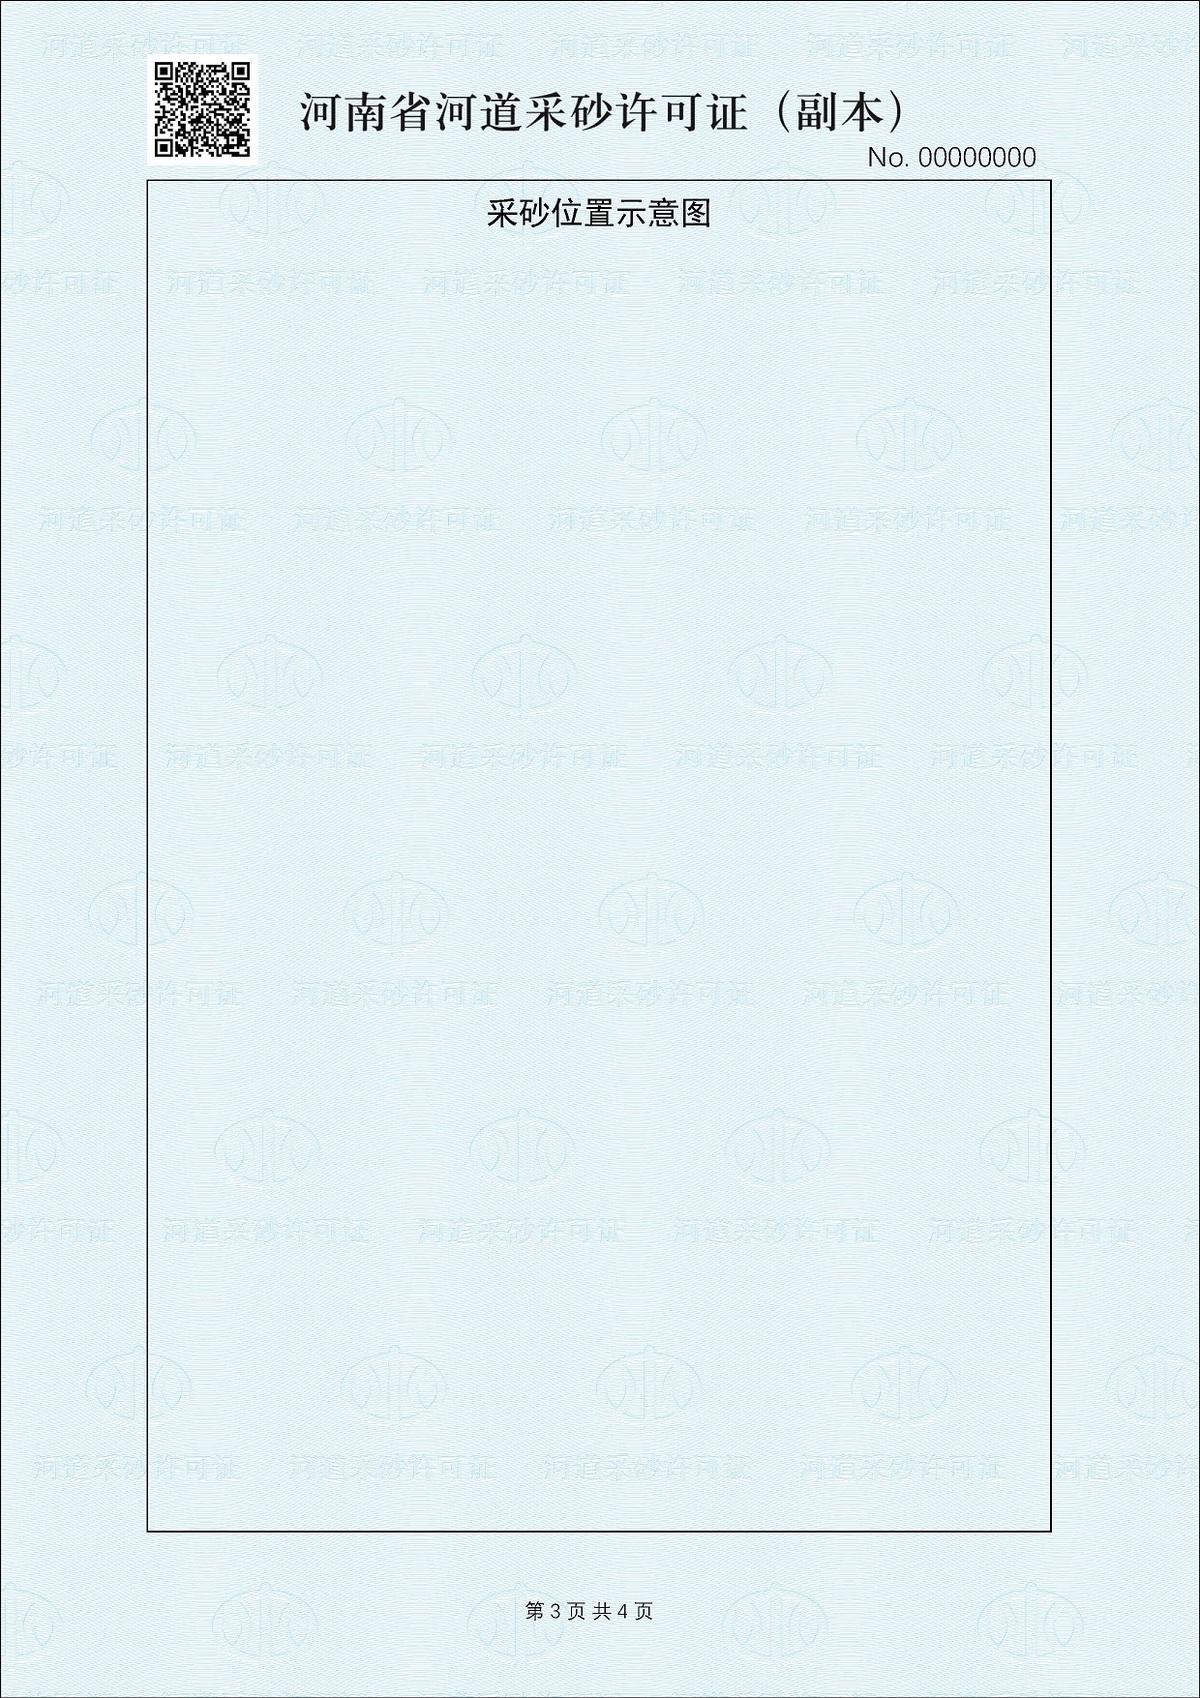 新版河道采砂許可證將于1月1日正式啟用(圖4)